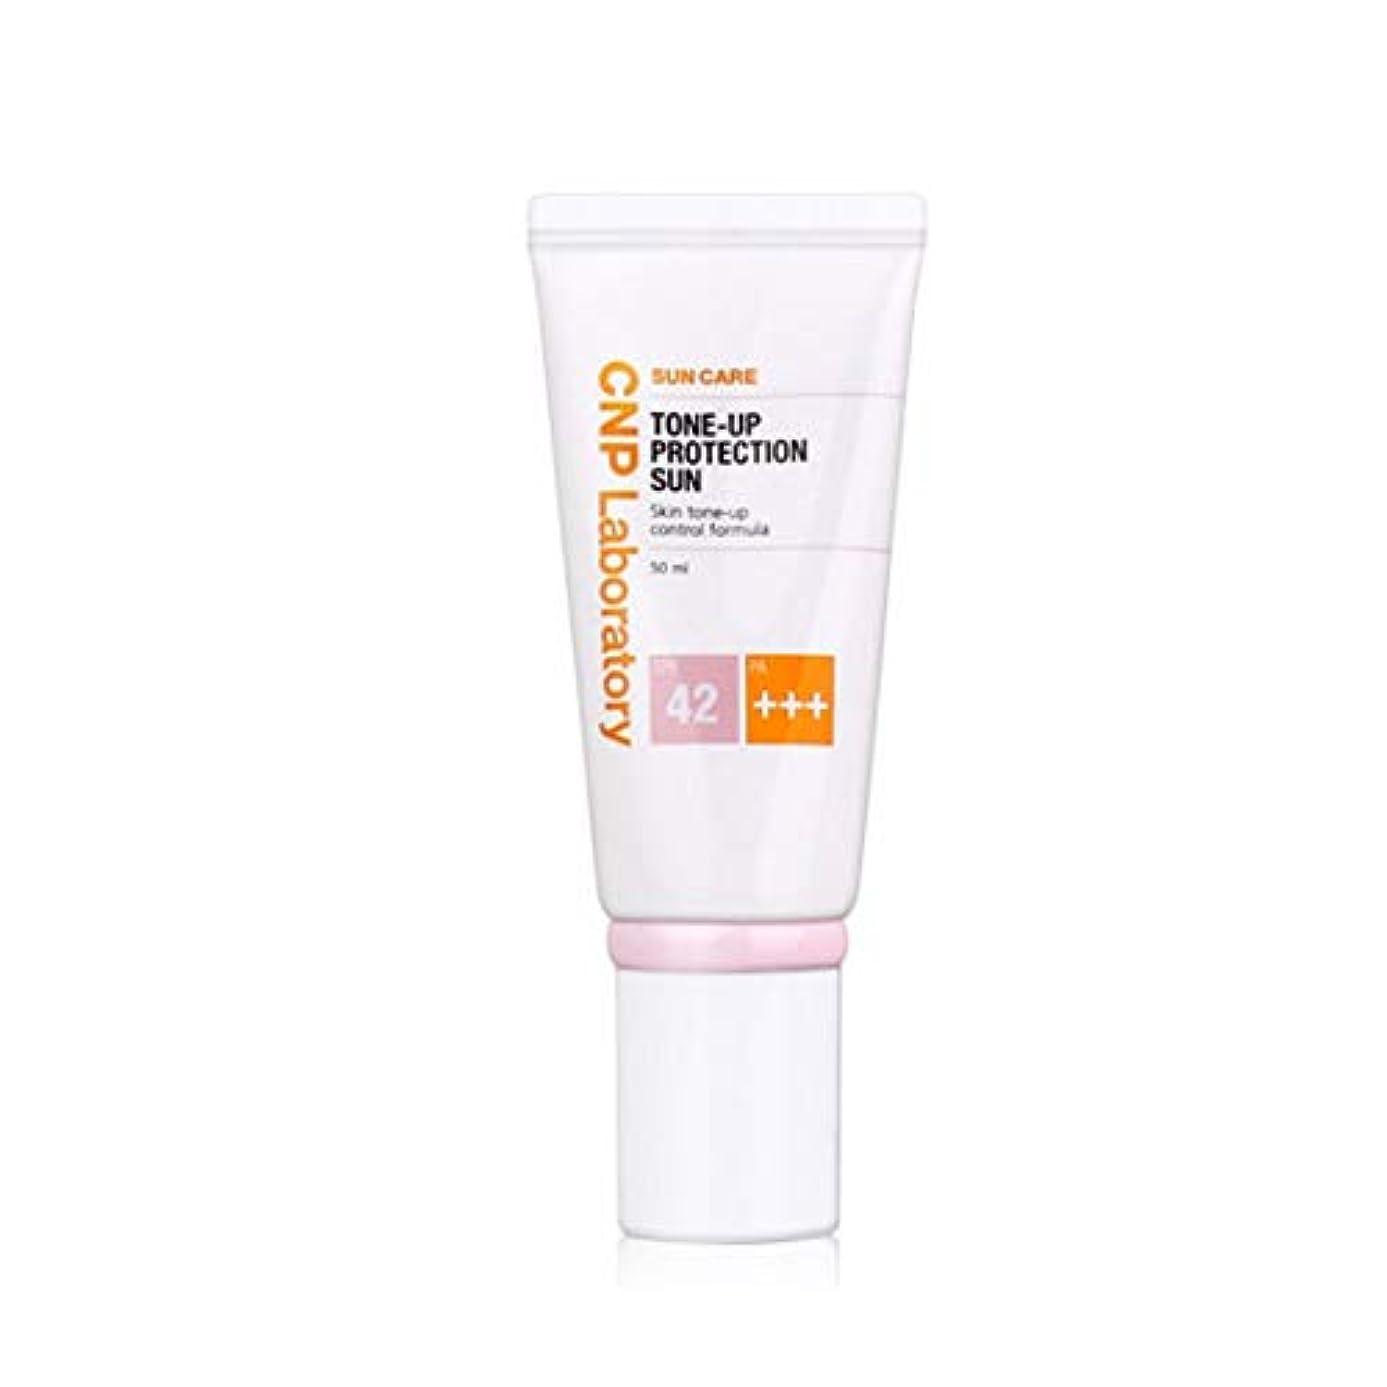 斧最近技術者CNPトンオププロテクションサン?クリーム紫外線遮断剤 (SPF42 / PA+++) 50ml、CNP Tone-up Protection Sun Cream (SPF42 / PA+++) 50ml [並行輸入品]